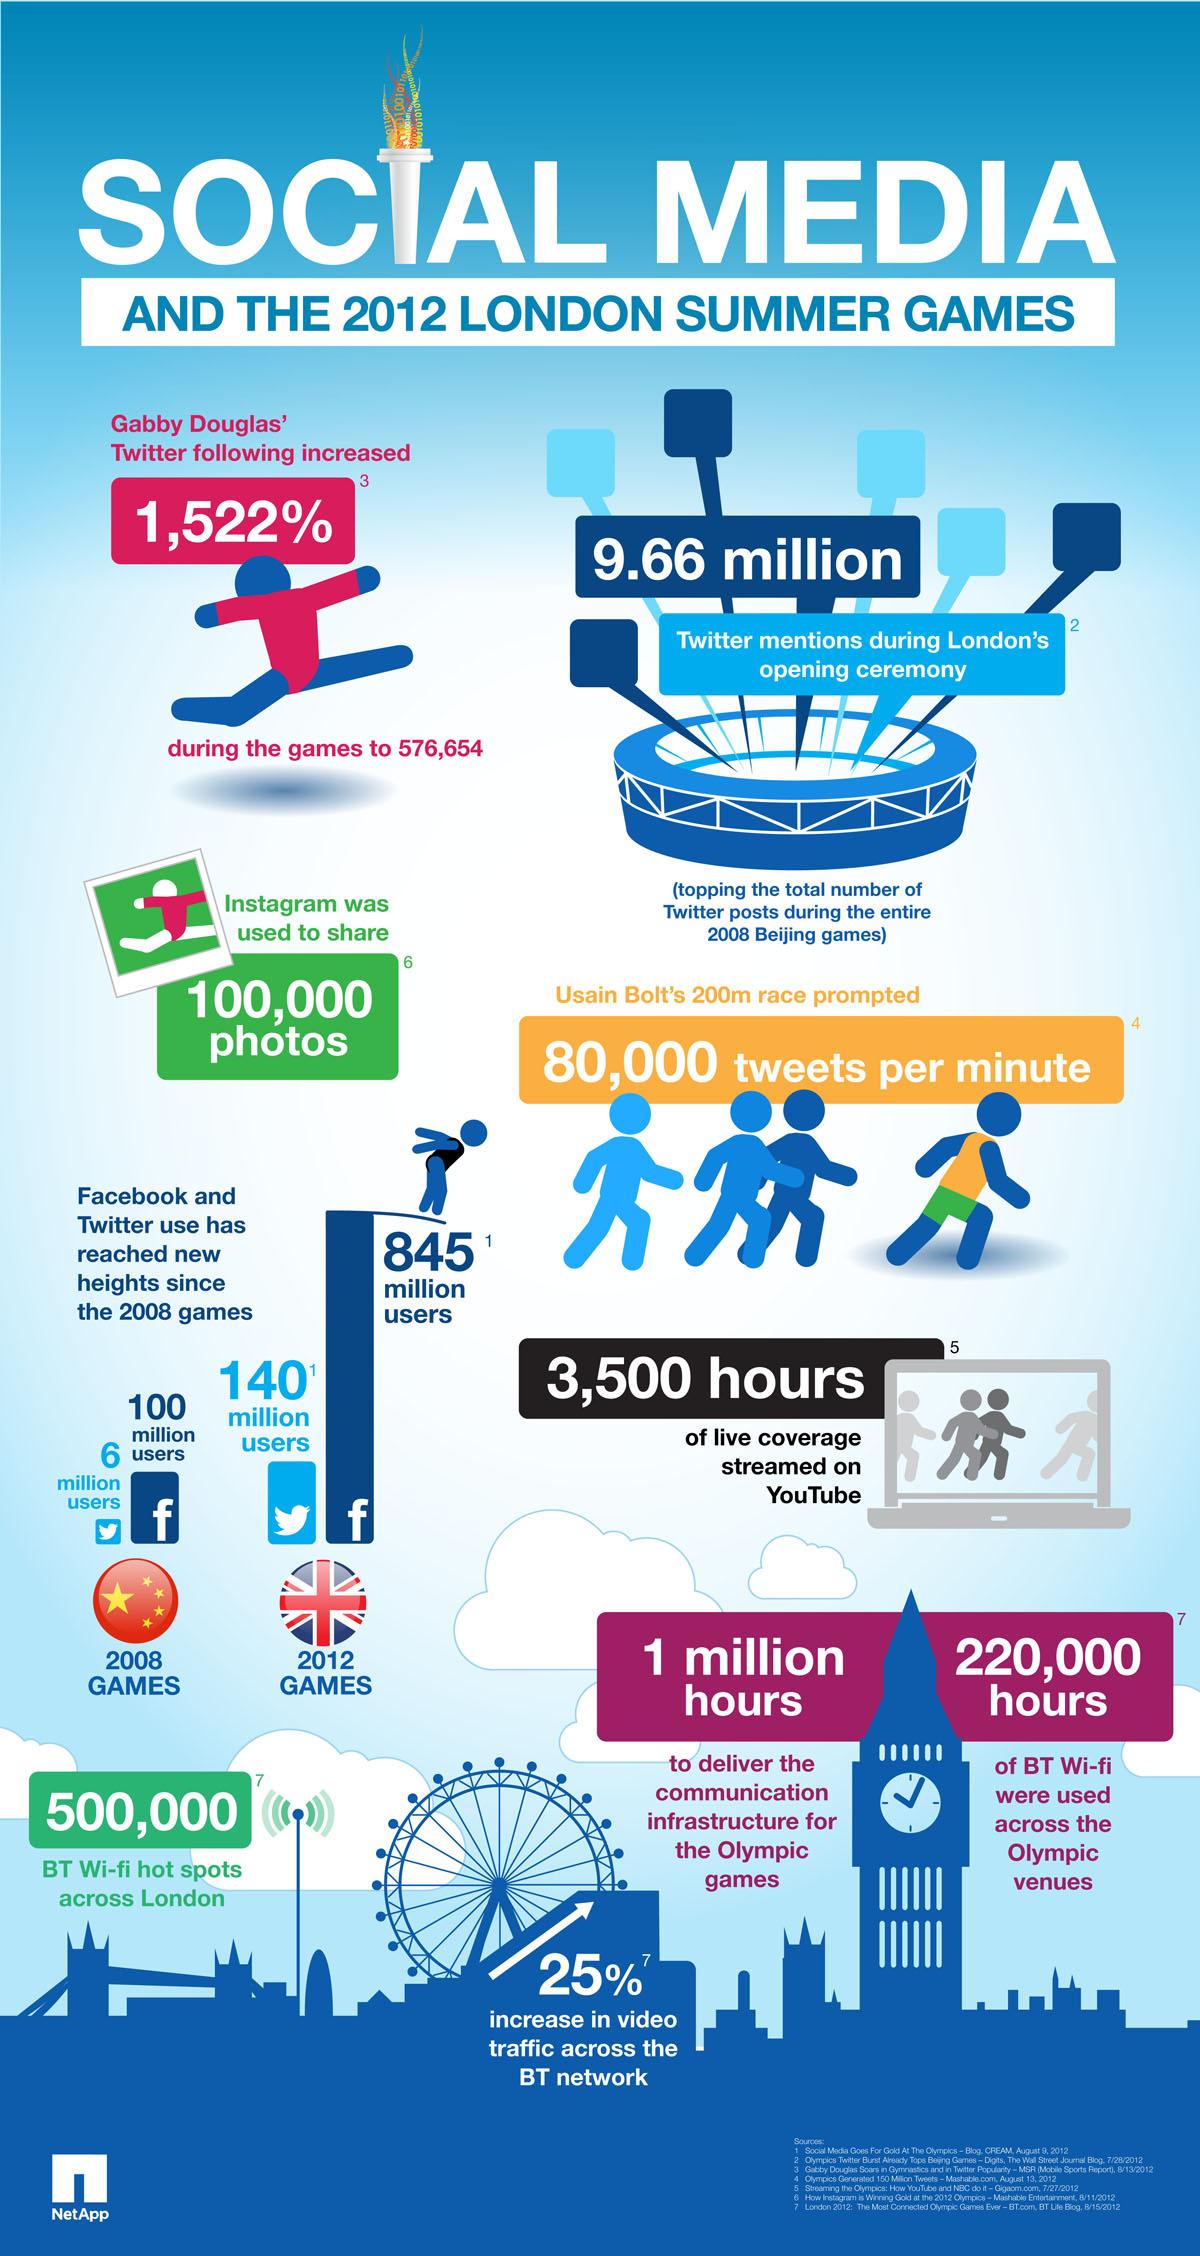 infografía repercusión redes sociales durante los Juegos Olímpicos